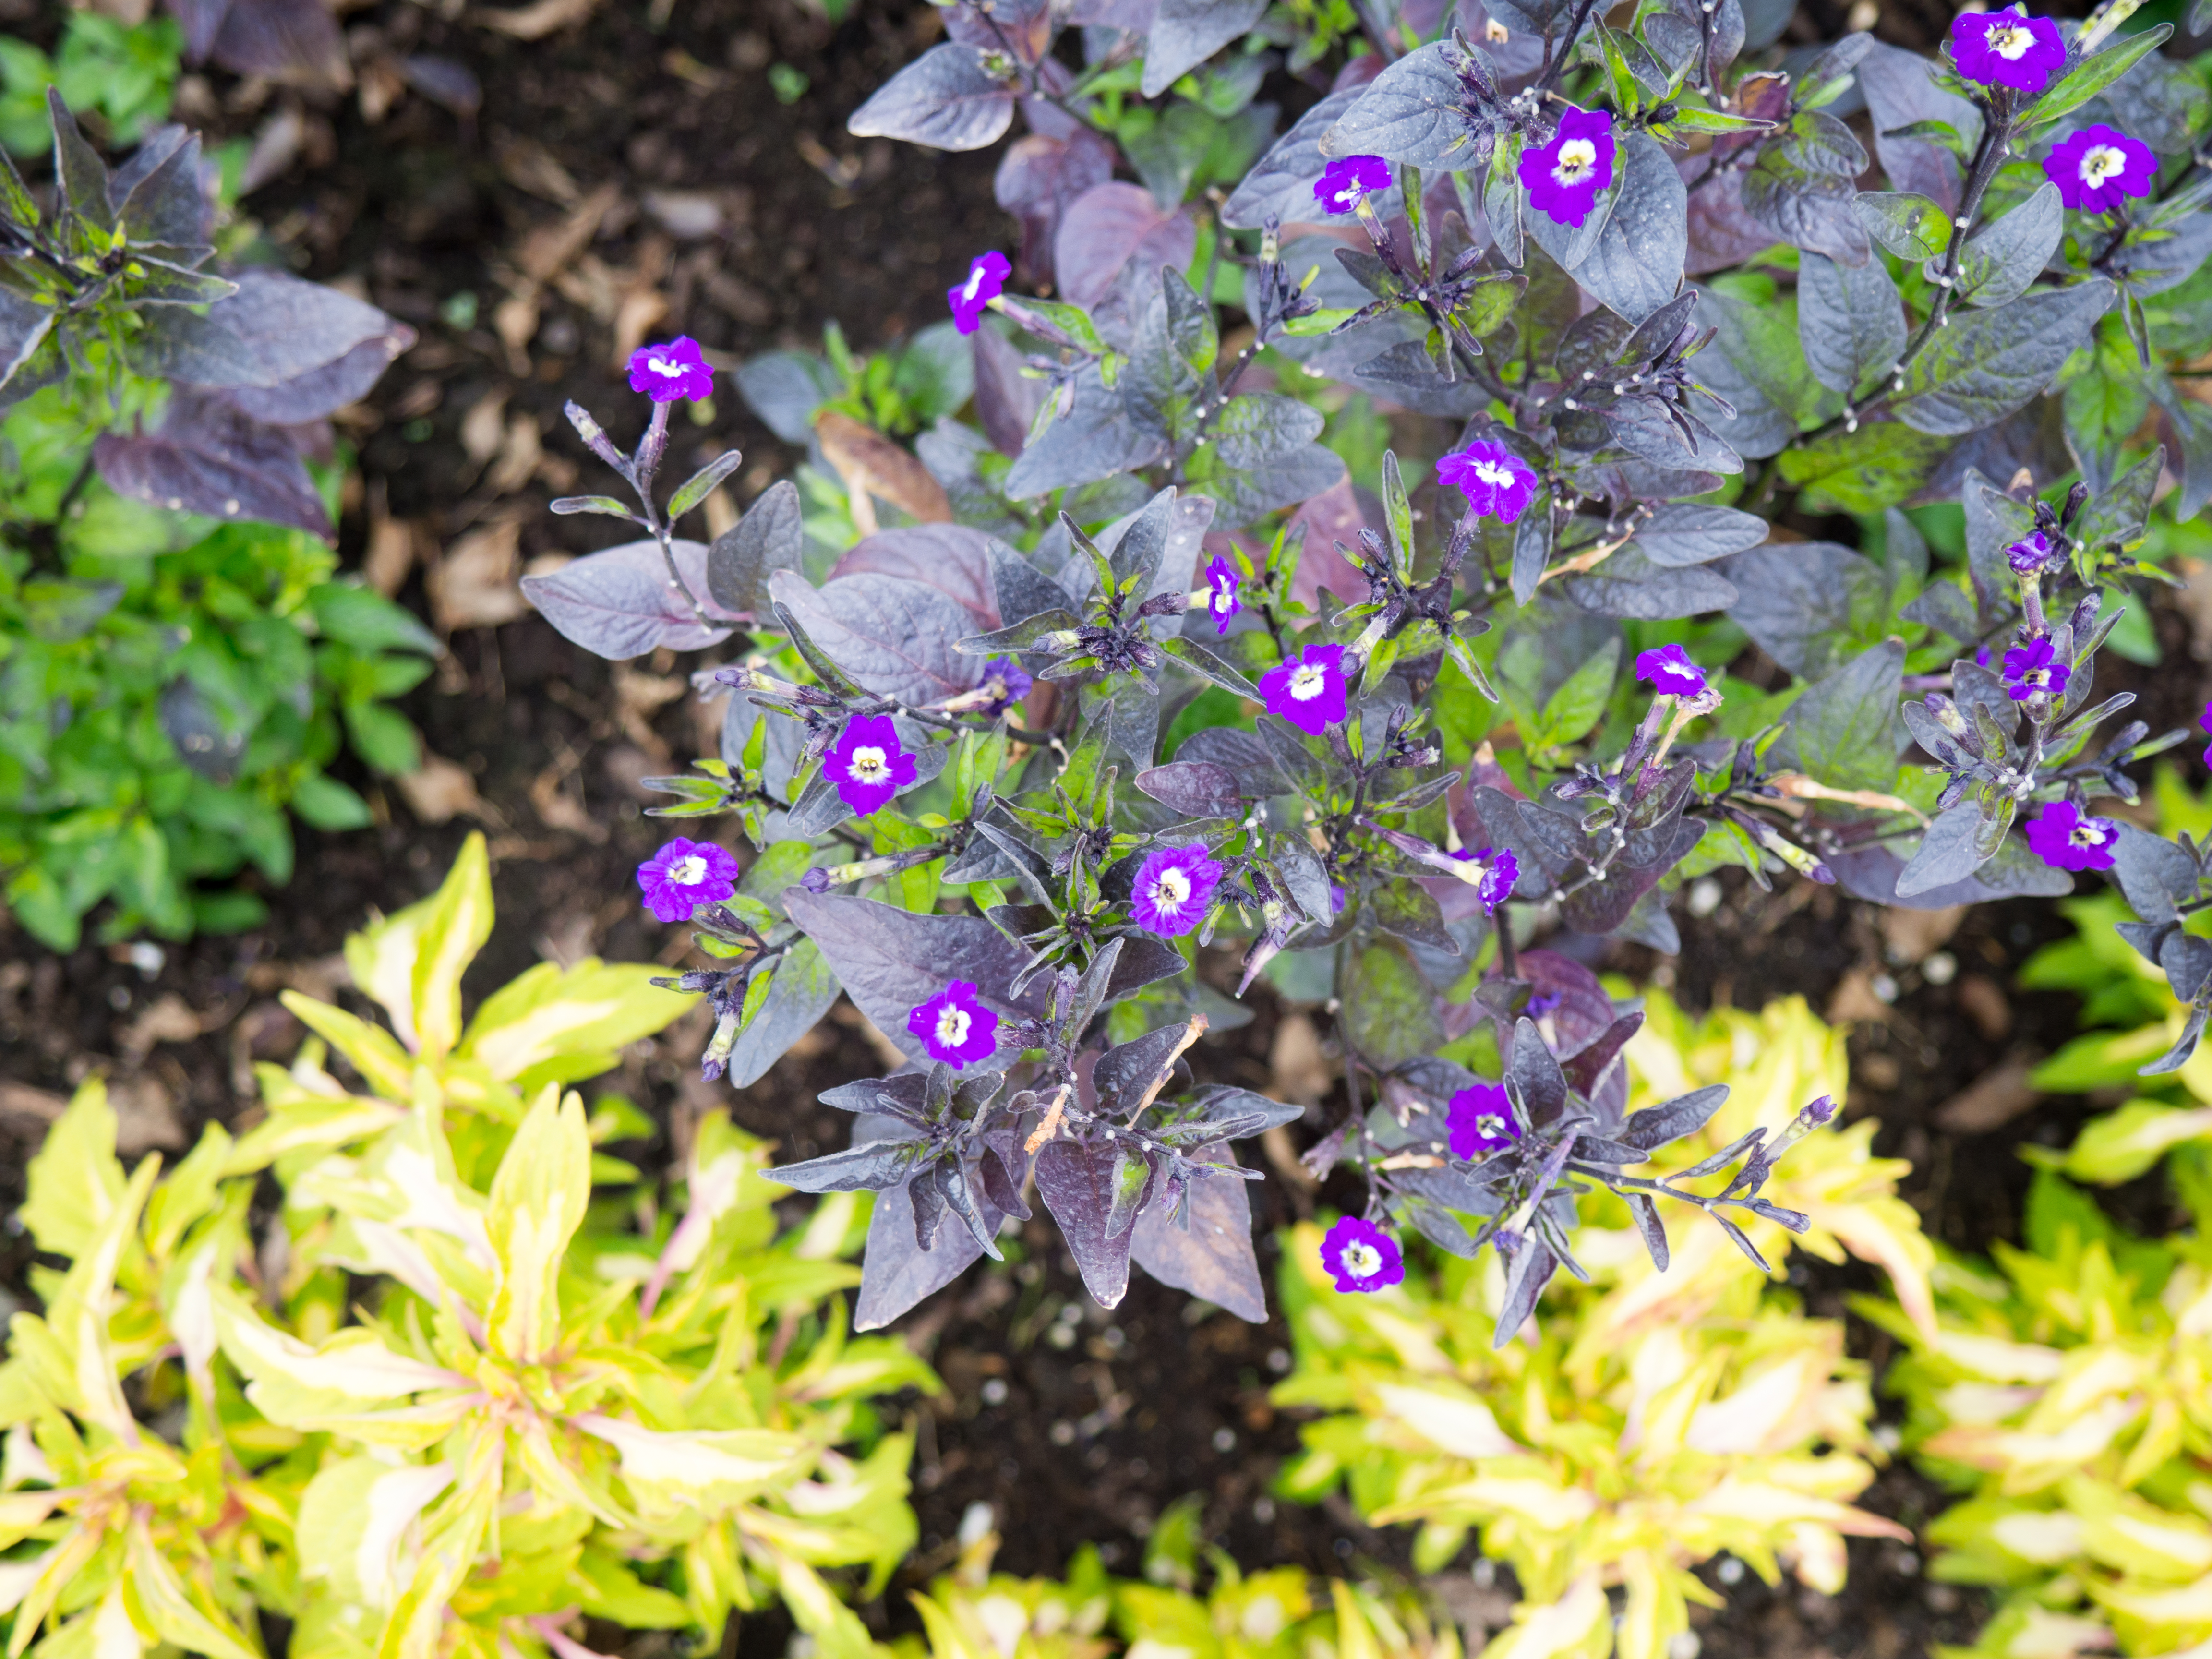 Small Purple Flowers In Garden Mmt